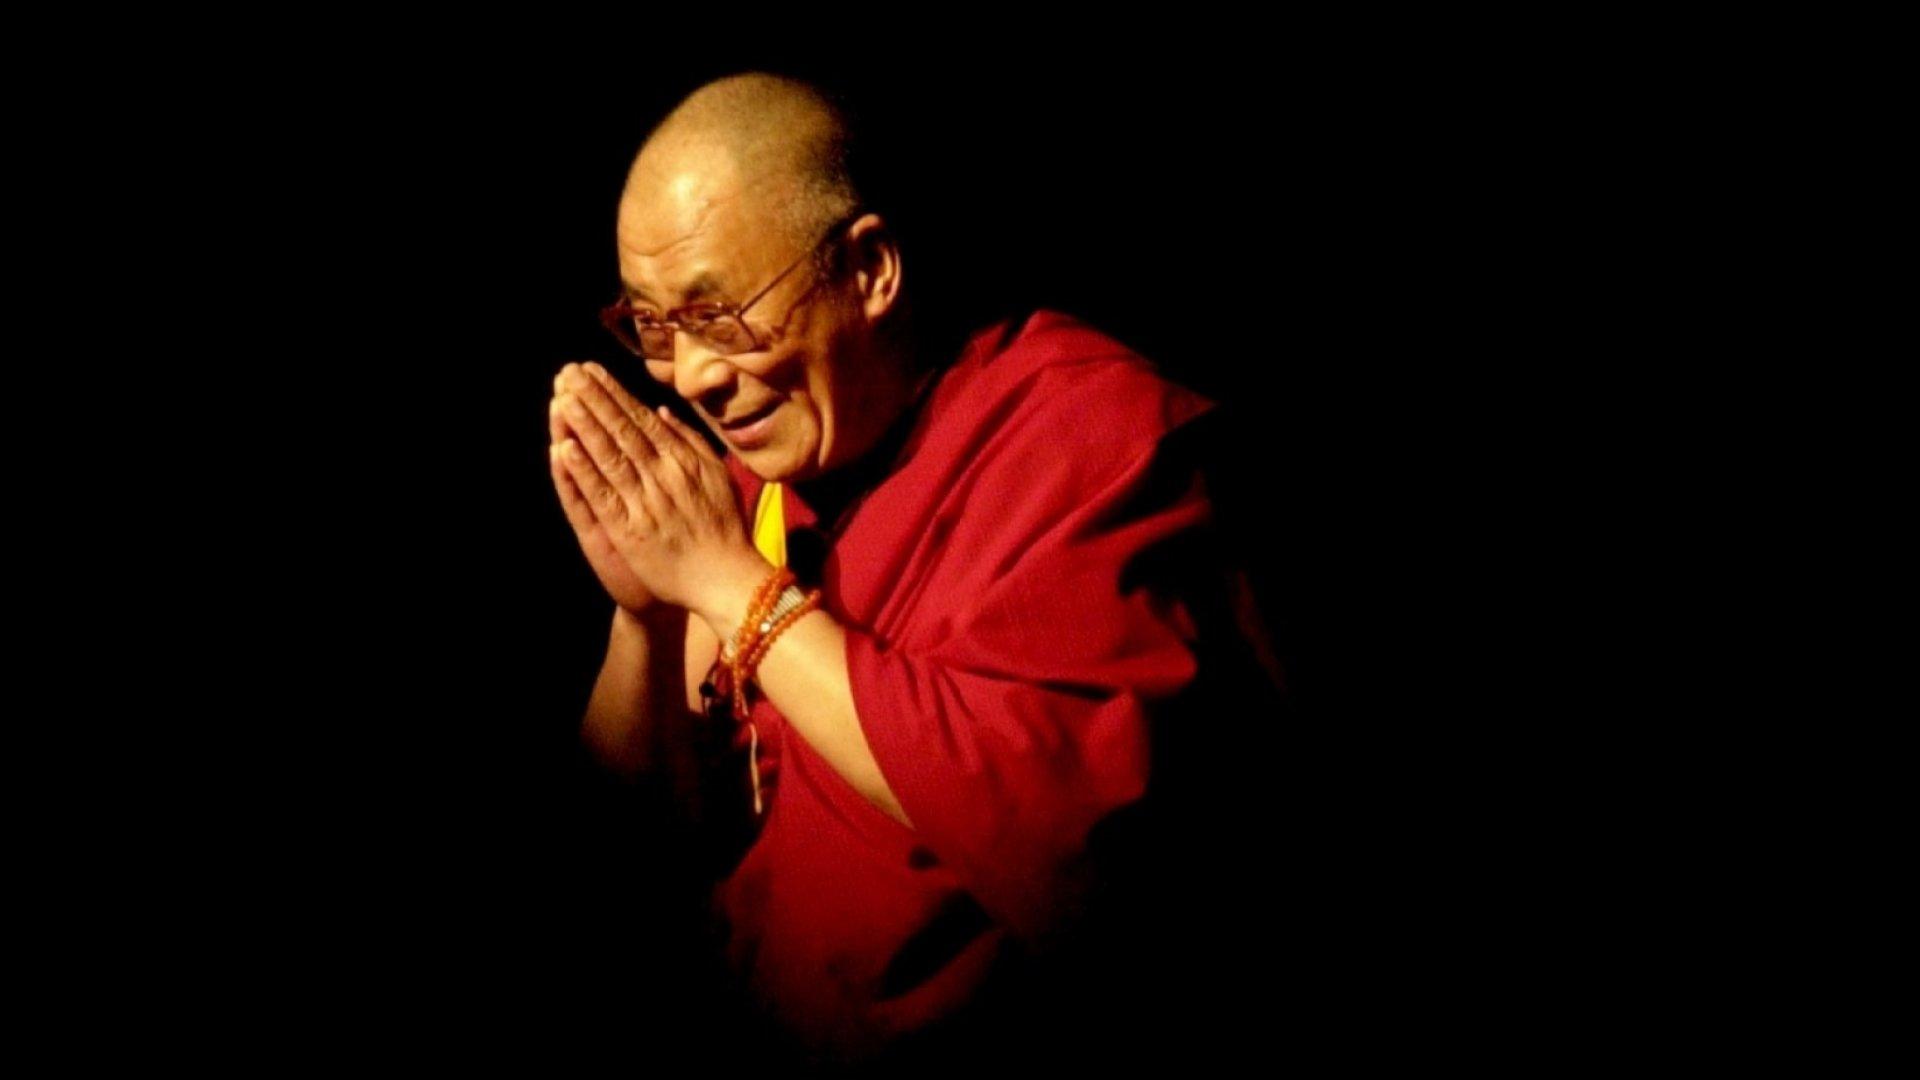 Nobel Laureate and exiled spiritual leader of Tibet, His Holiness the 14th Dalai Lama